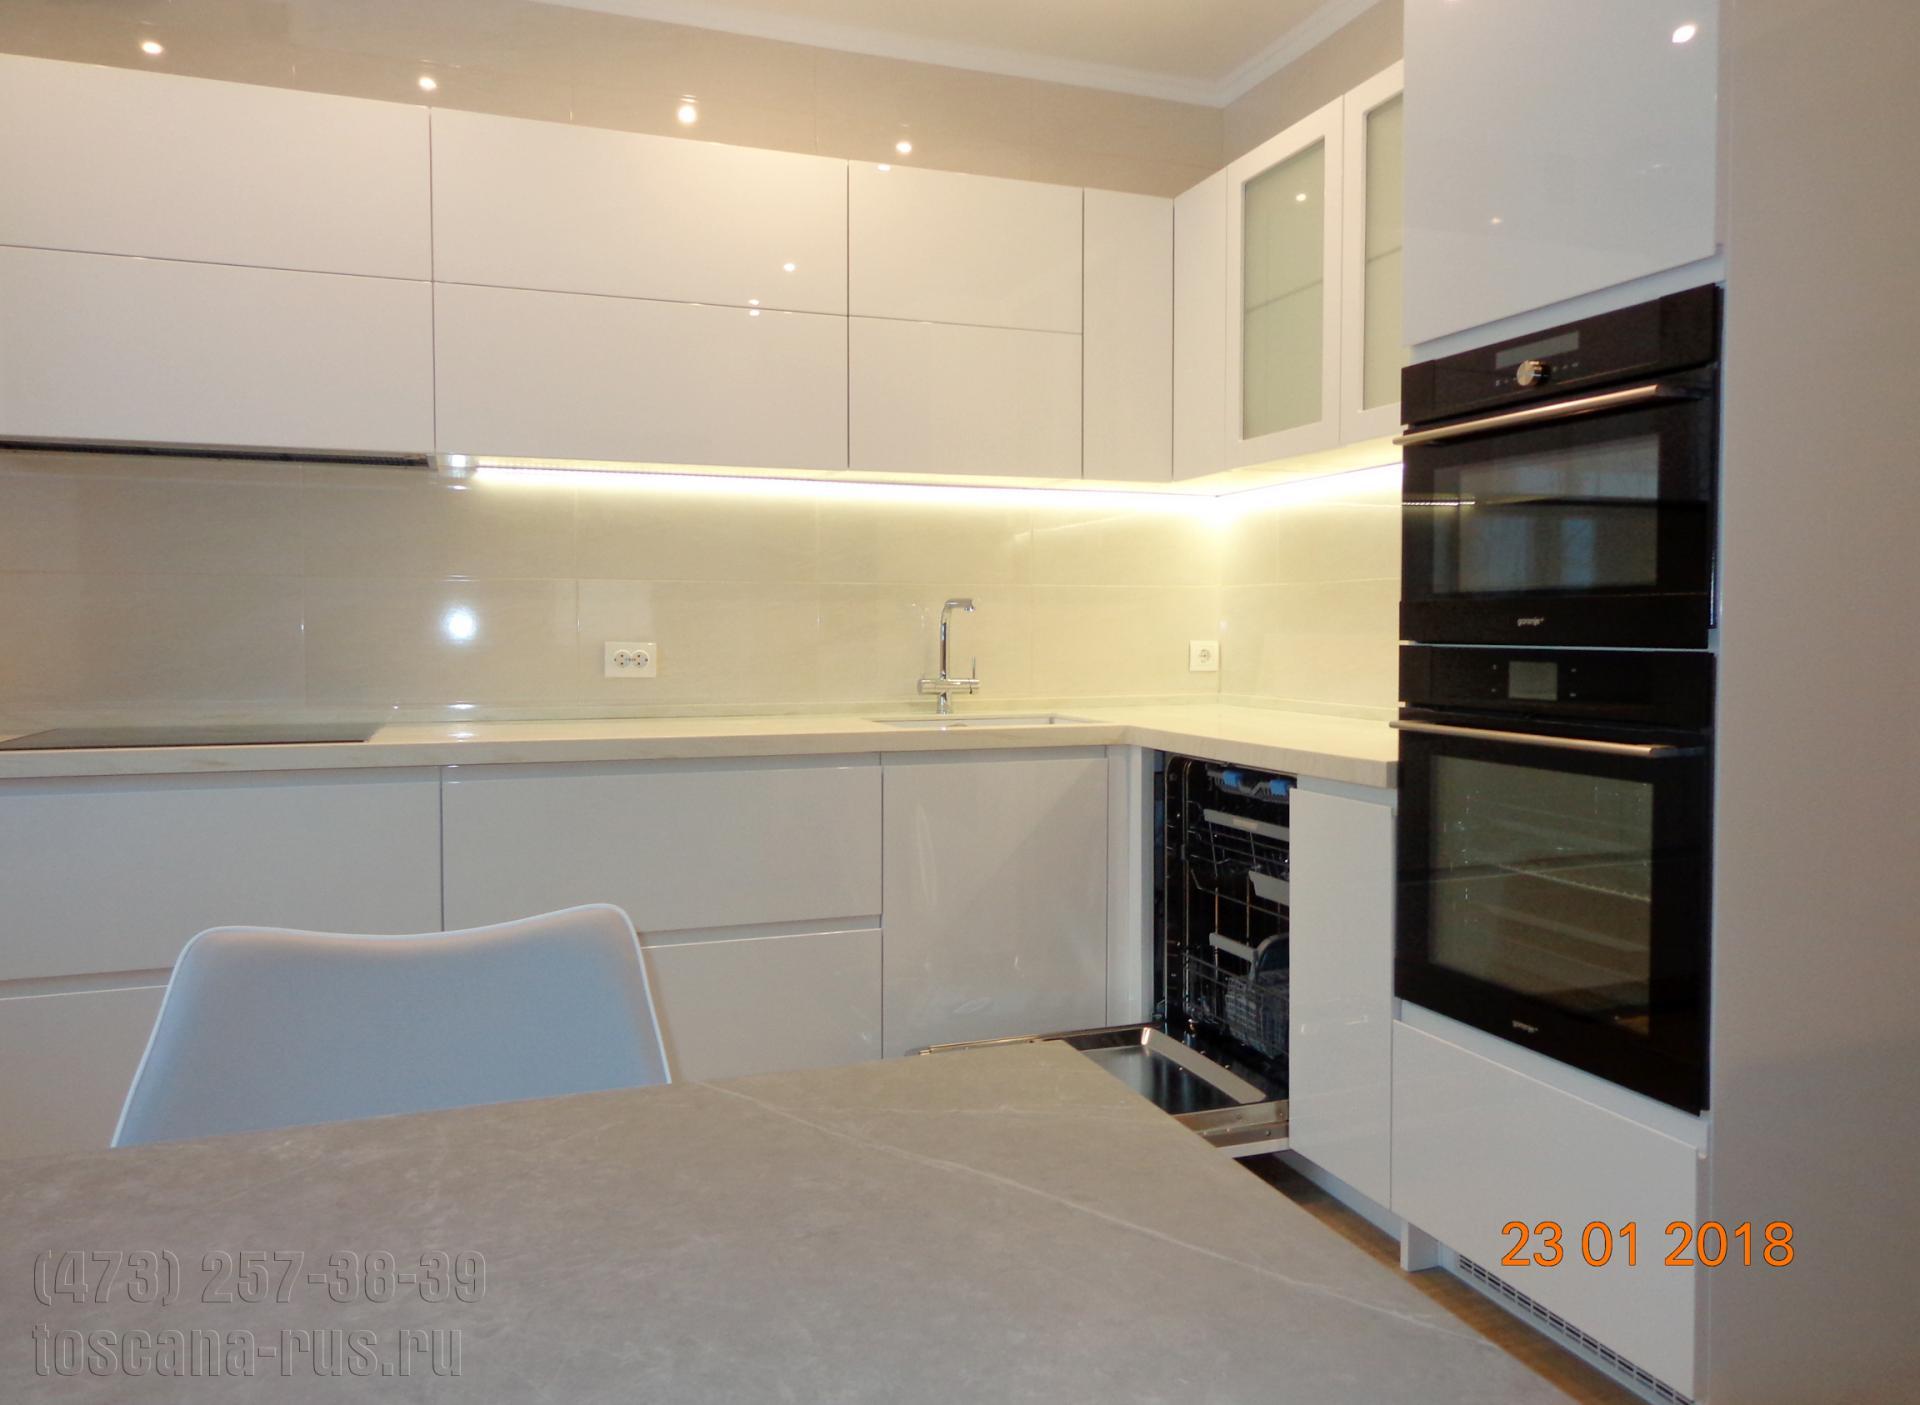 Кухня угловая со столешницей из искусственного мрамора